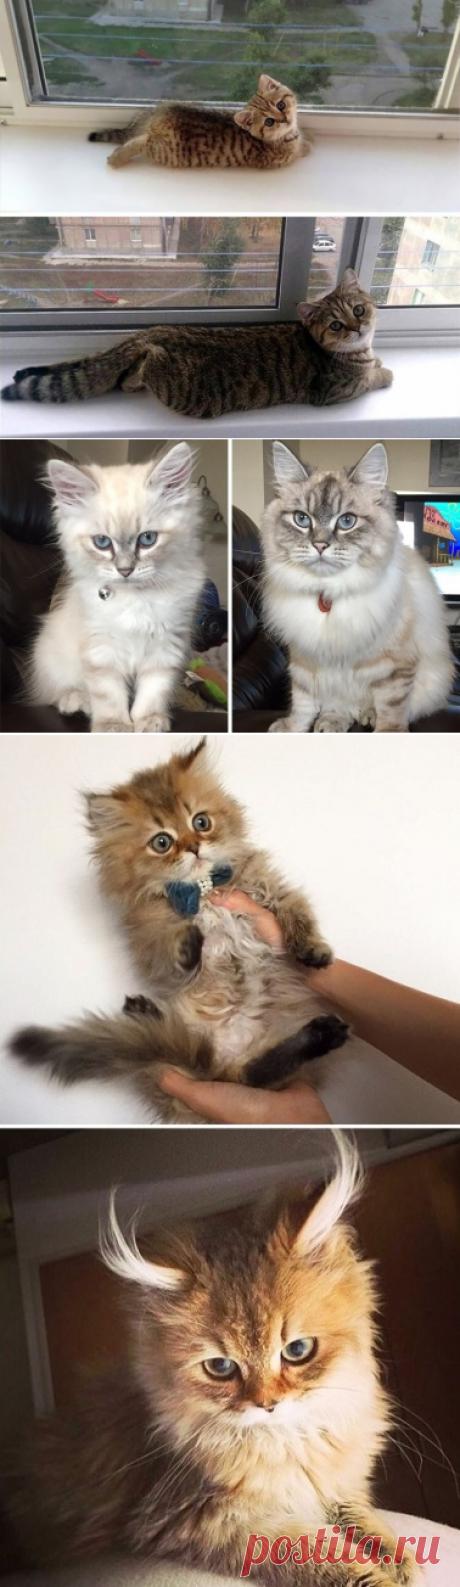 25 fotografías de los gatitos encantadores, que se han convertido en los gatos lujosos